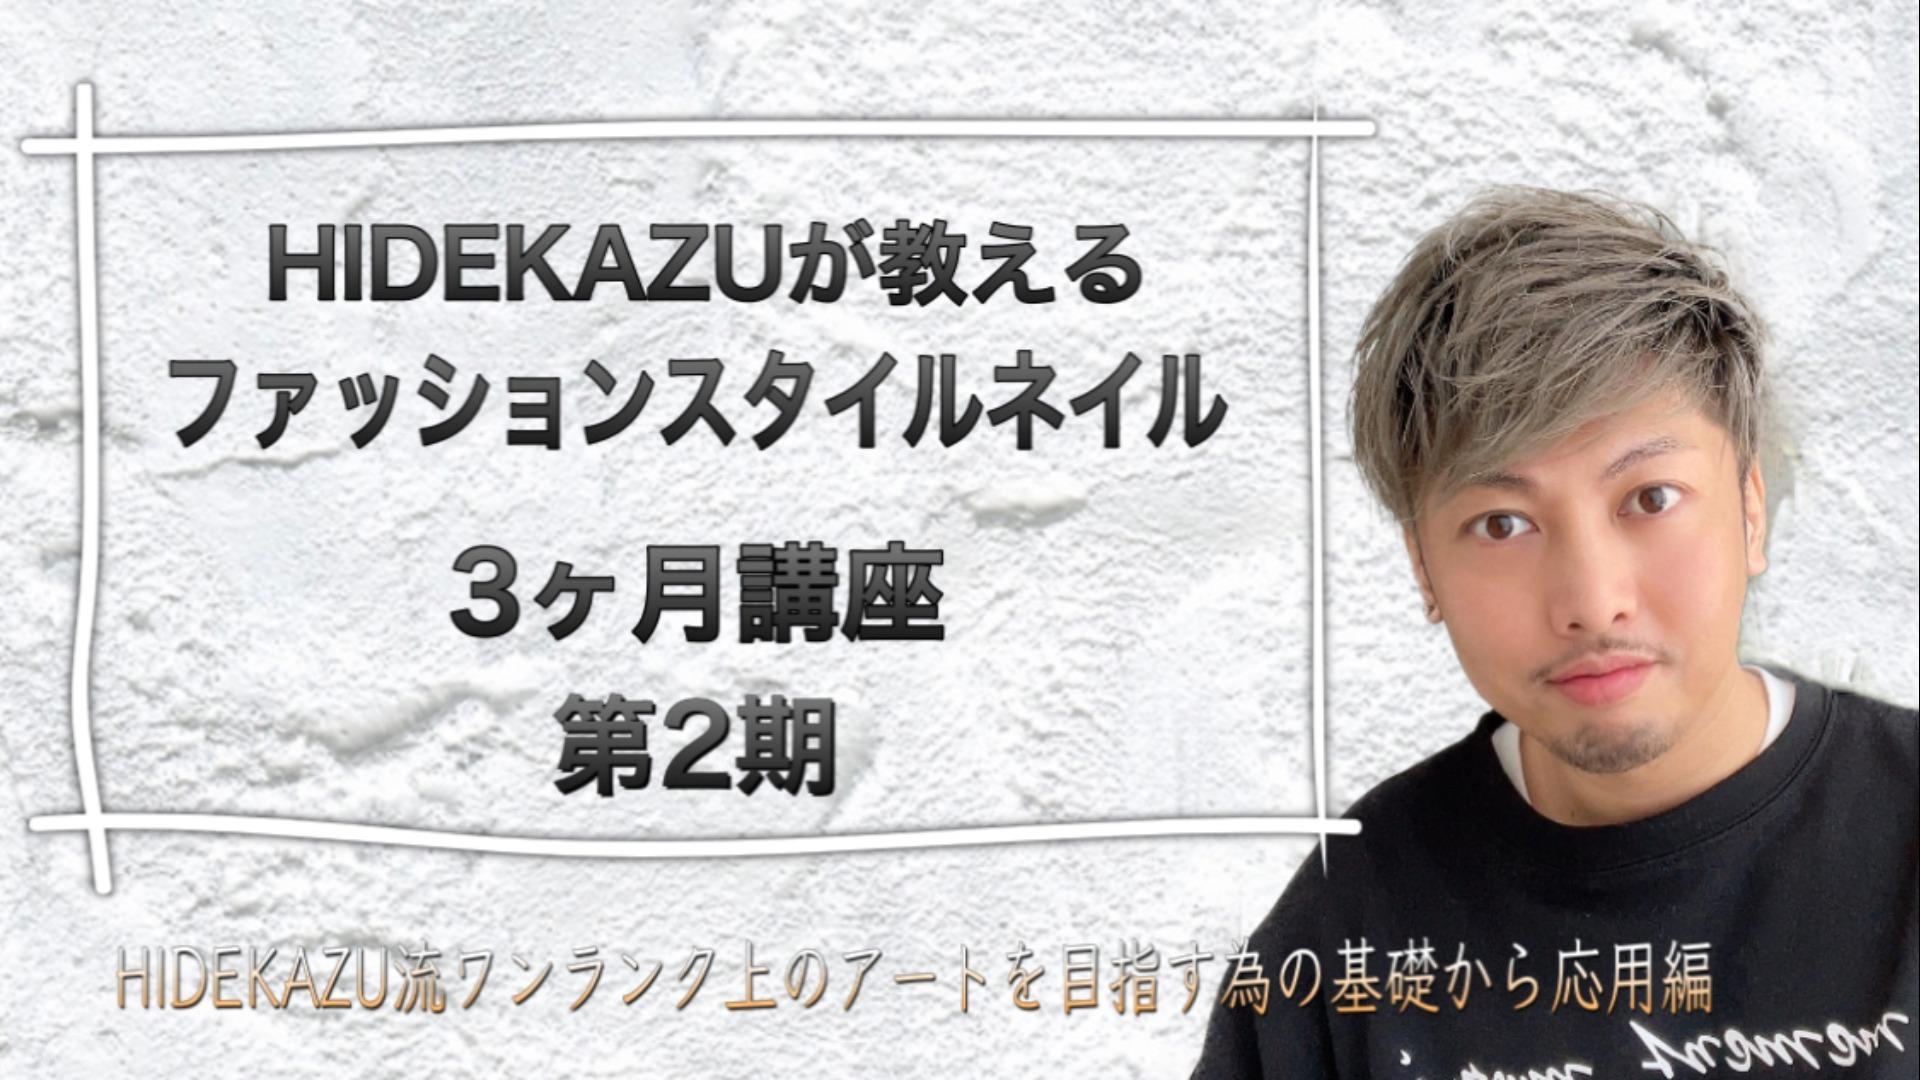 【第2期】HIDEKAZUが教えるファッションスタイルネイル3ヶ月講座